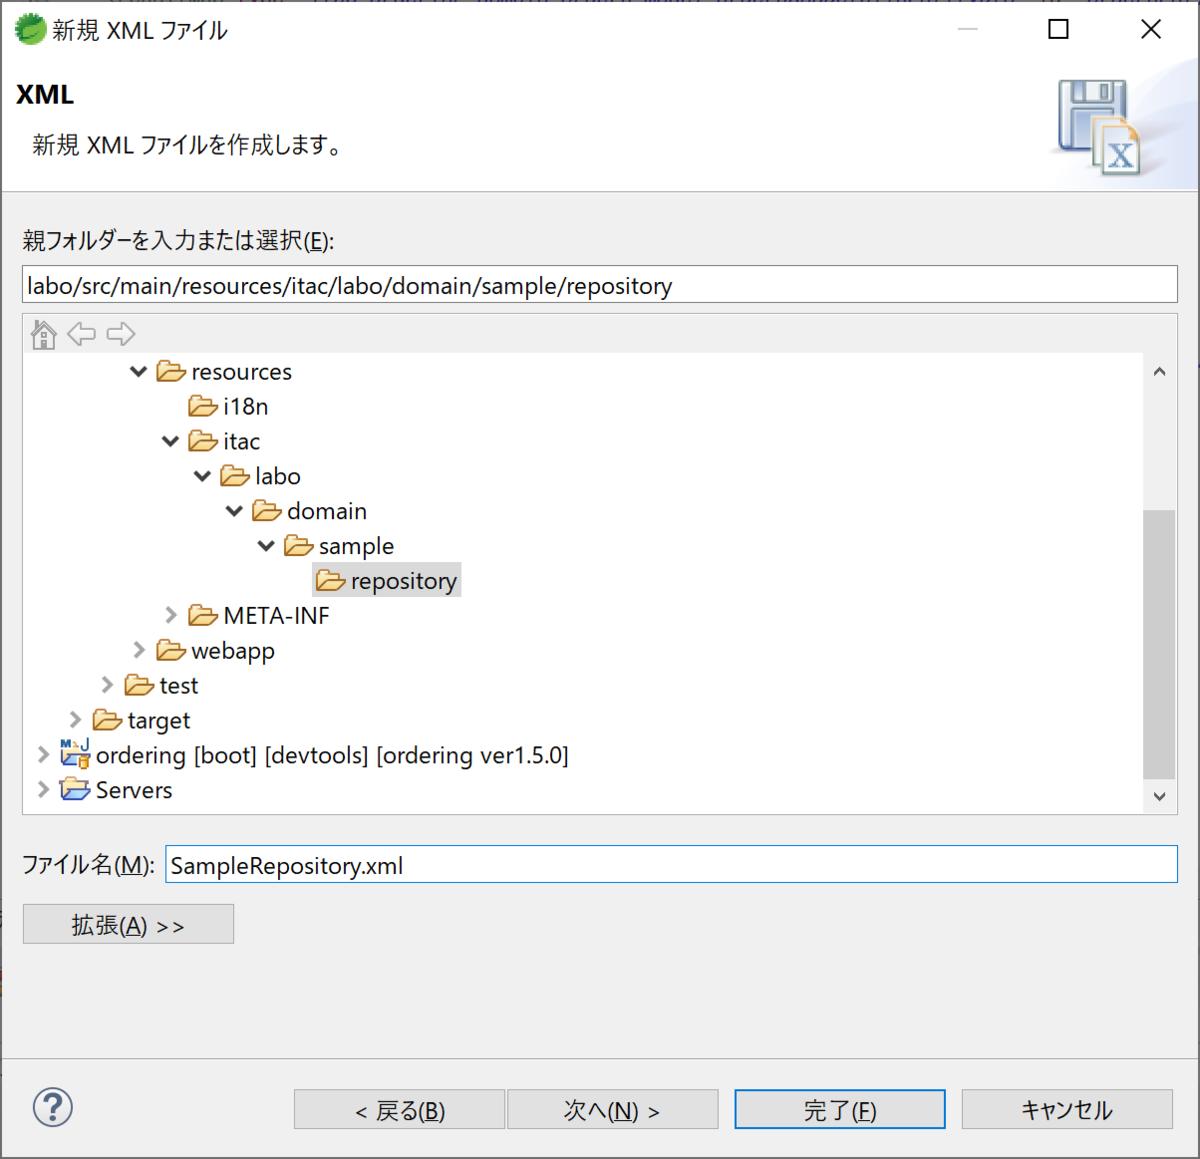 f:id:shizuuuka0202:20200521223318p:plain